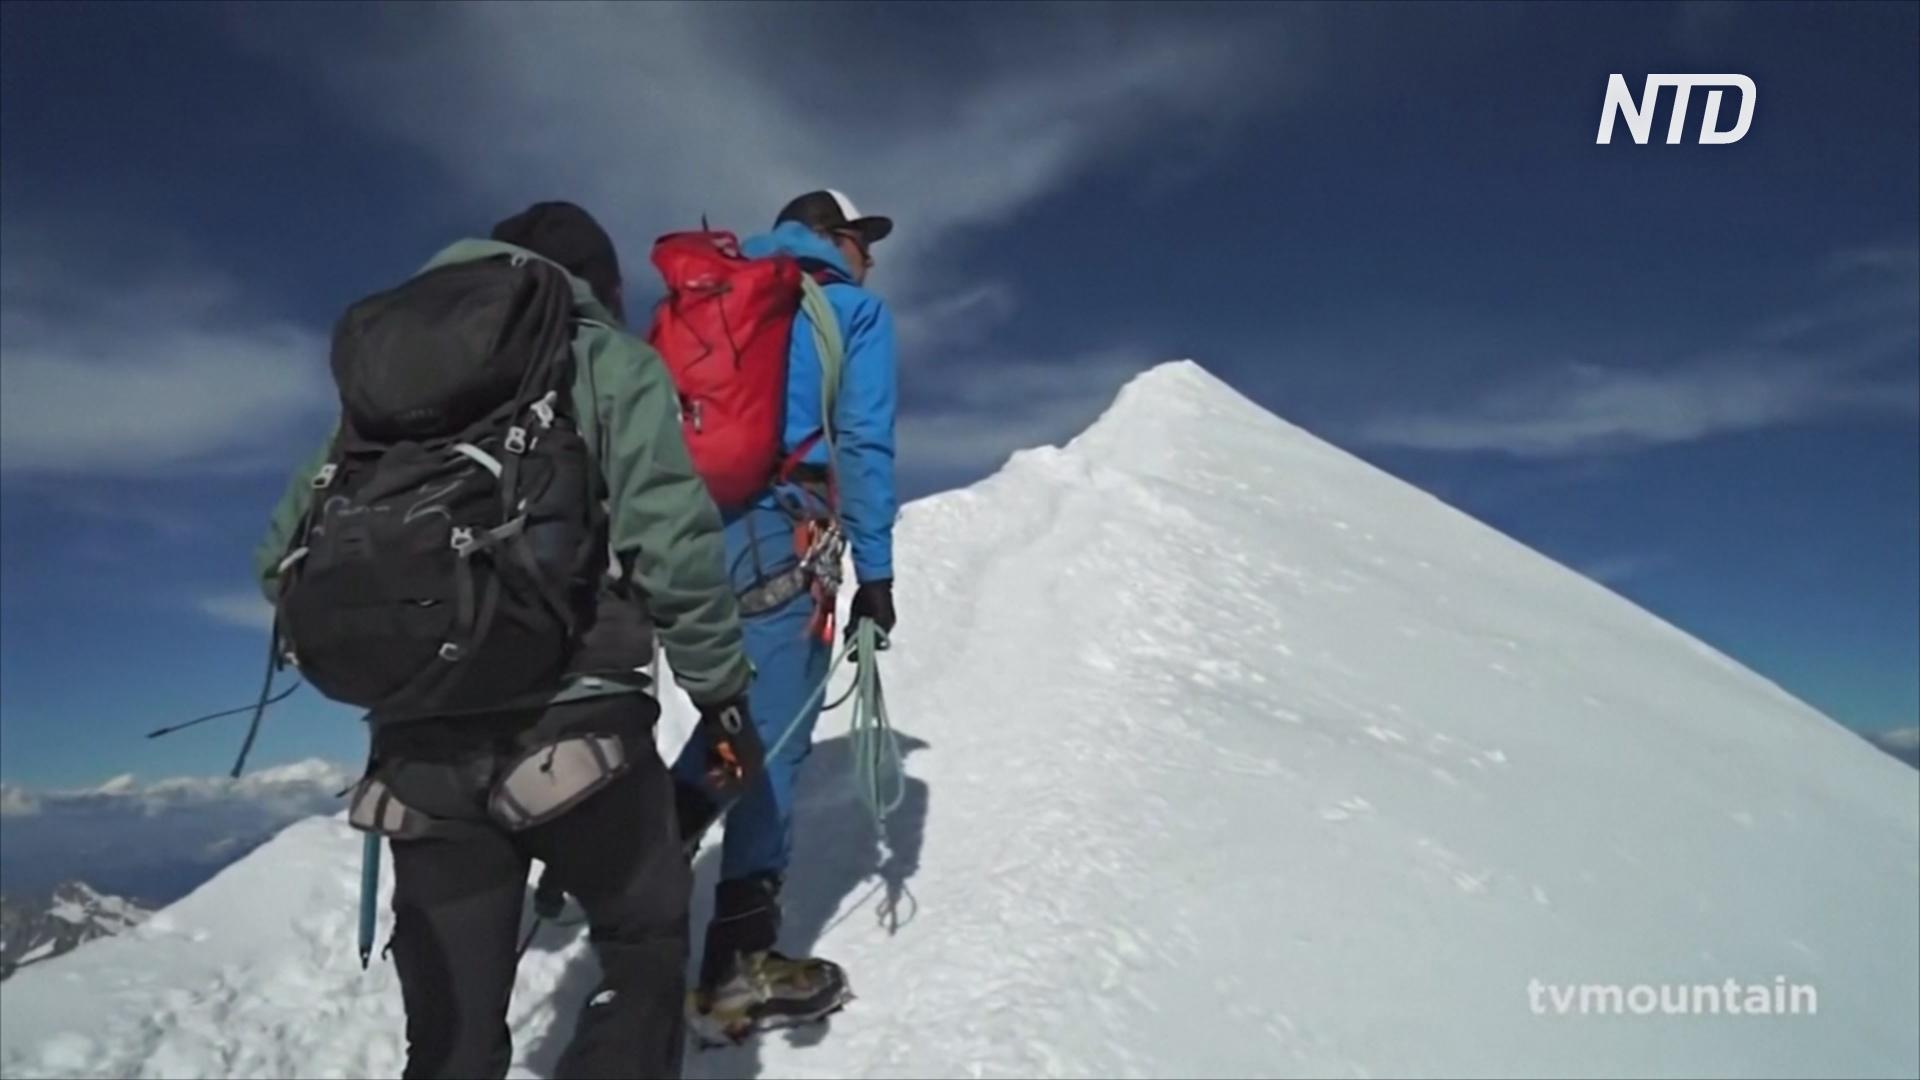 «Уважайте Монблан!»: власти призывают альпинистов к порядку